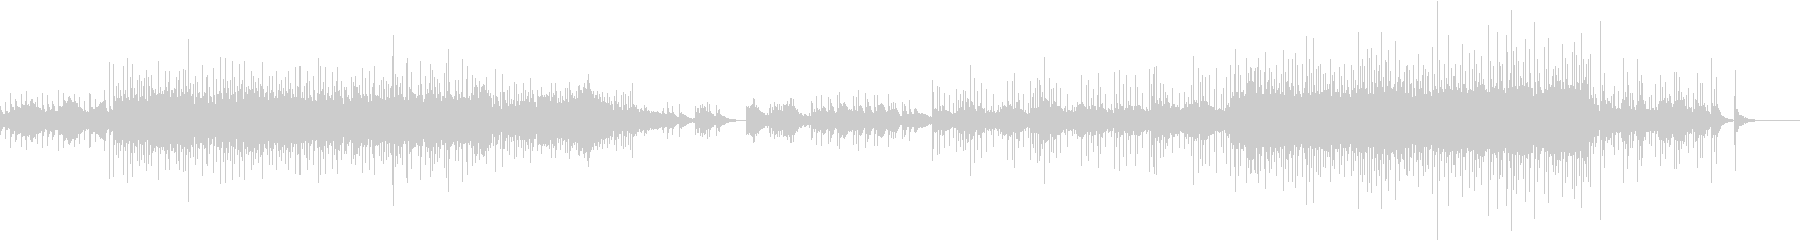 琴を使用した和風でドラマチックなBGMの未再生の波形